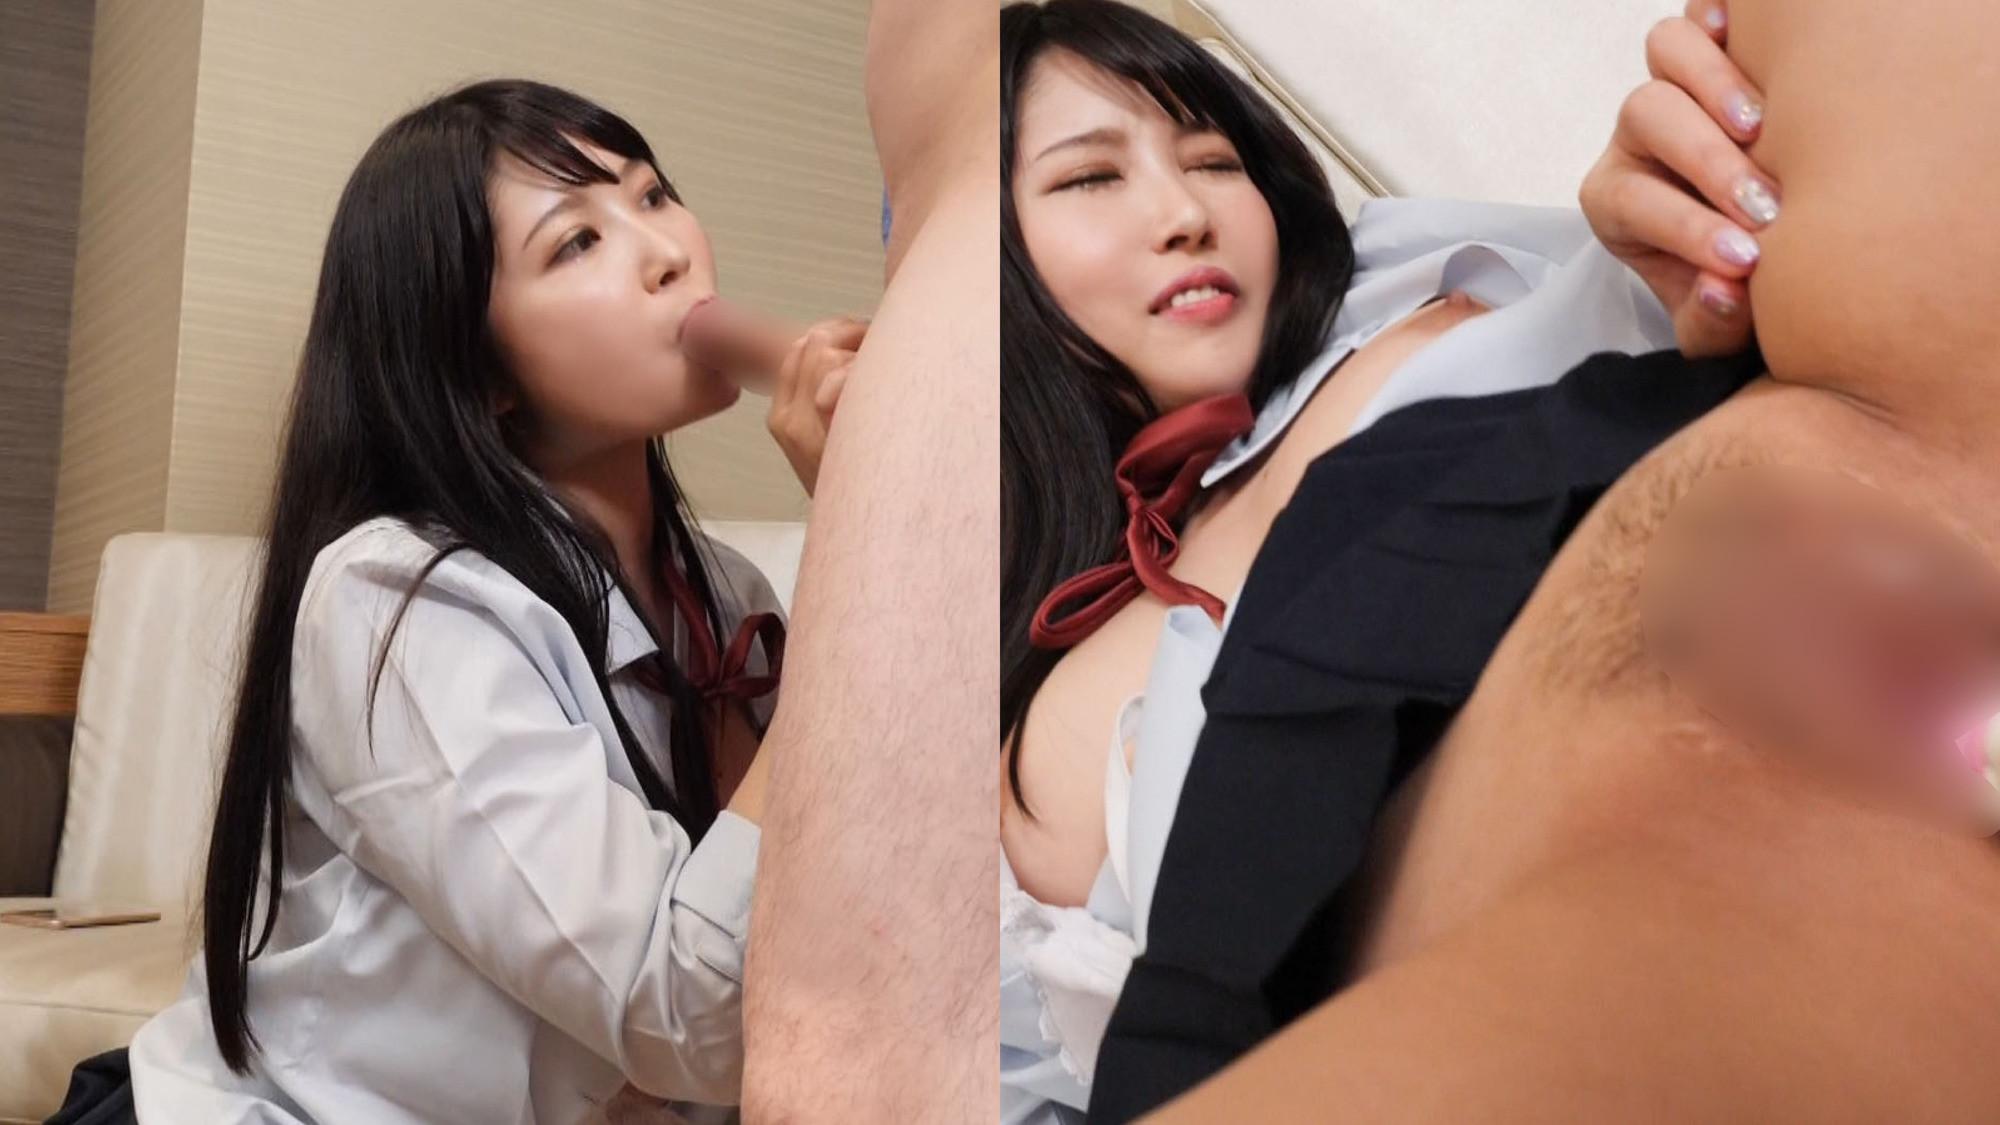 【パパ活JK・膣内射精】モデル系美少女H (私立/普通科/裏オプ有)Fカップ